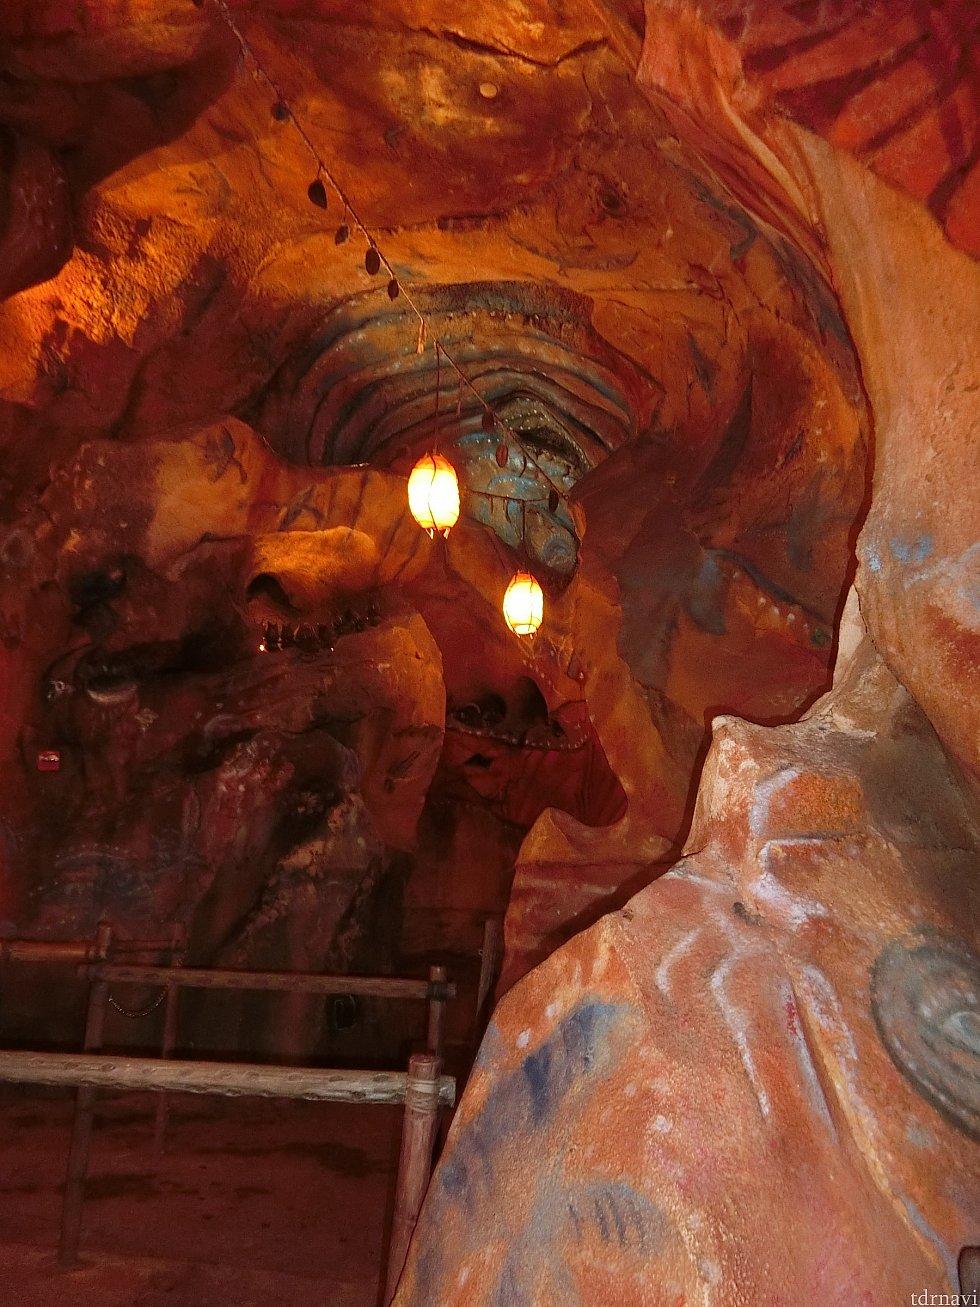 キューライン必見スポットその2。ナヴィの壁画が描かれている洞窟。 ここまではファストパス列で見ることができます。